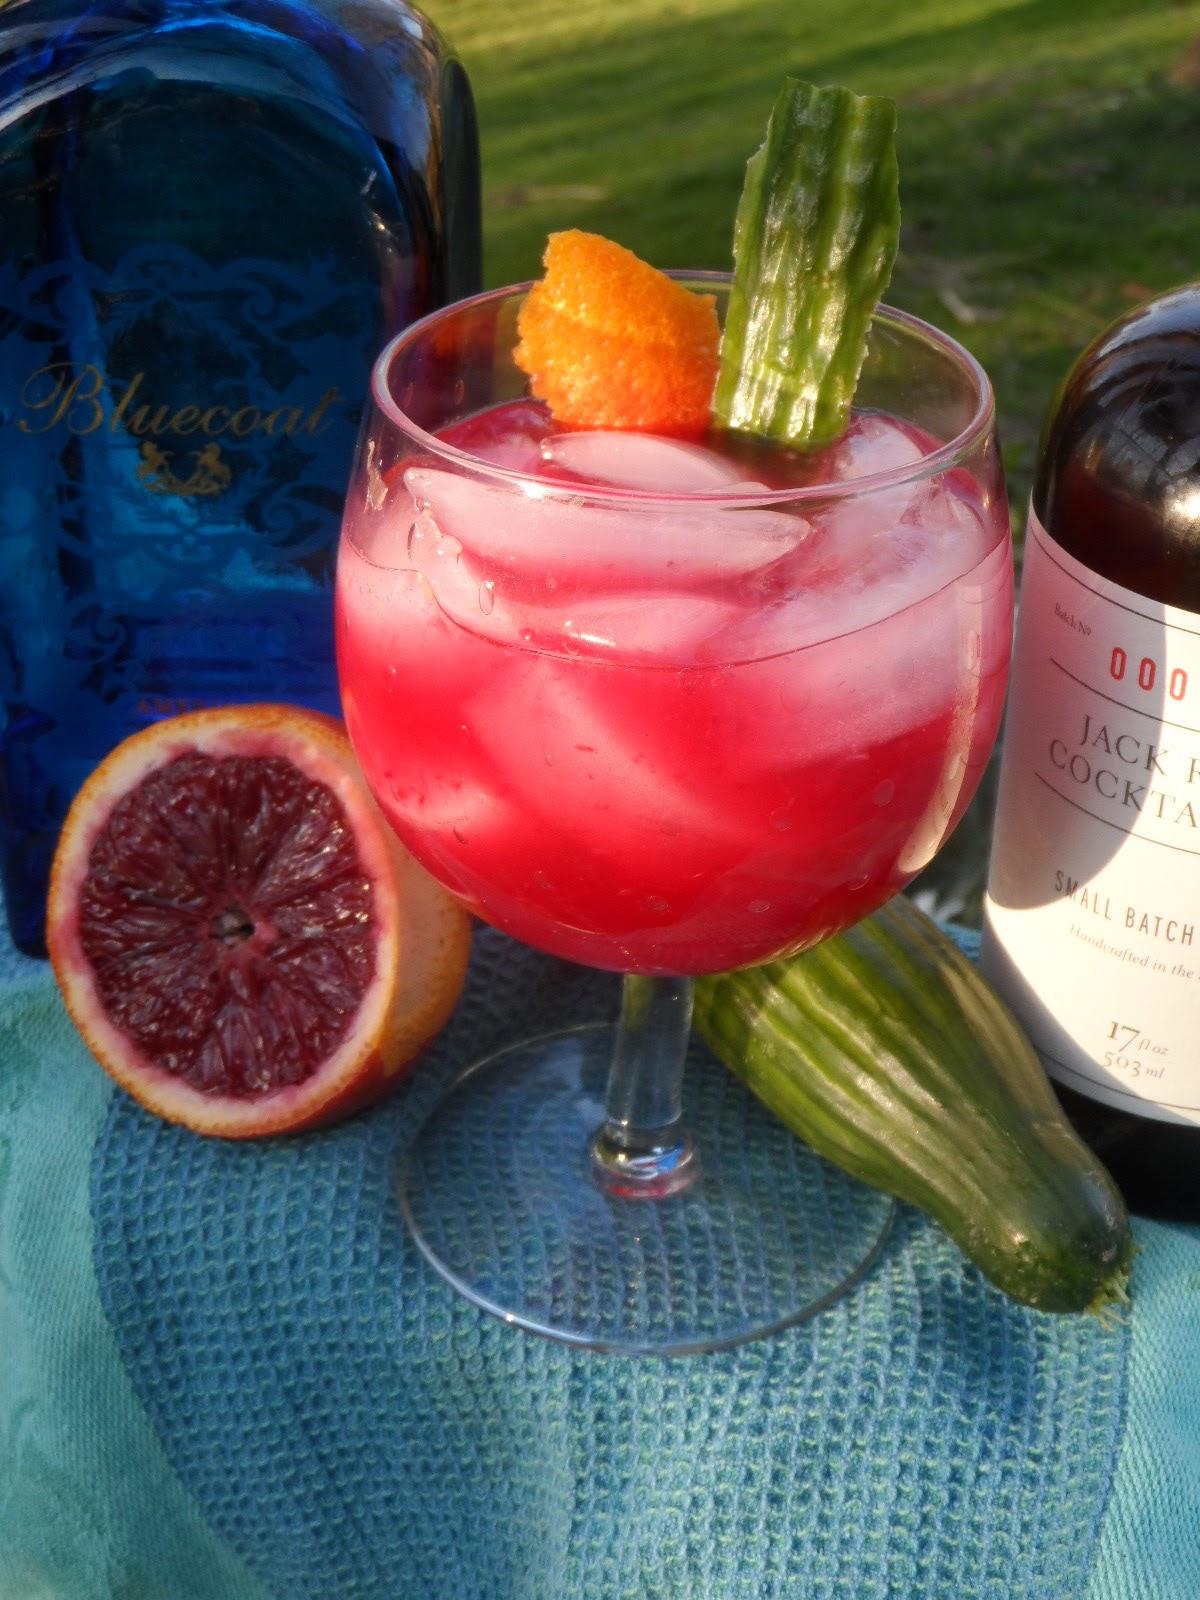 Bluecoat Gin Tonic Blood Orange Gin Amp Tonic